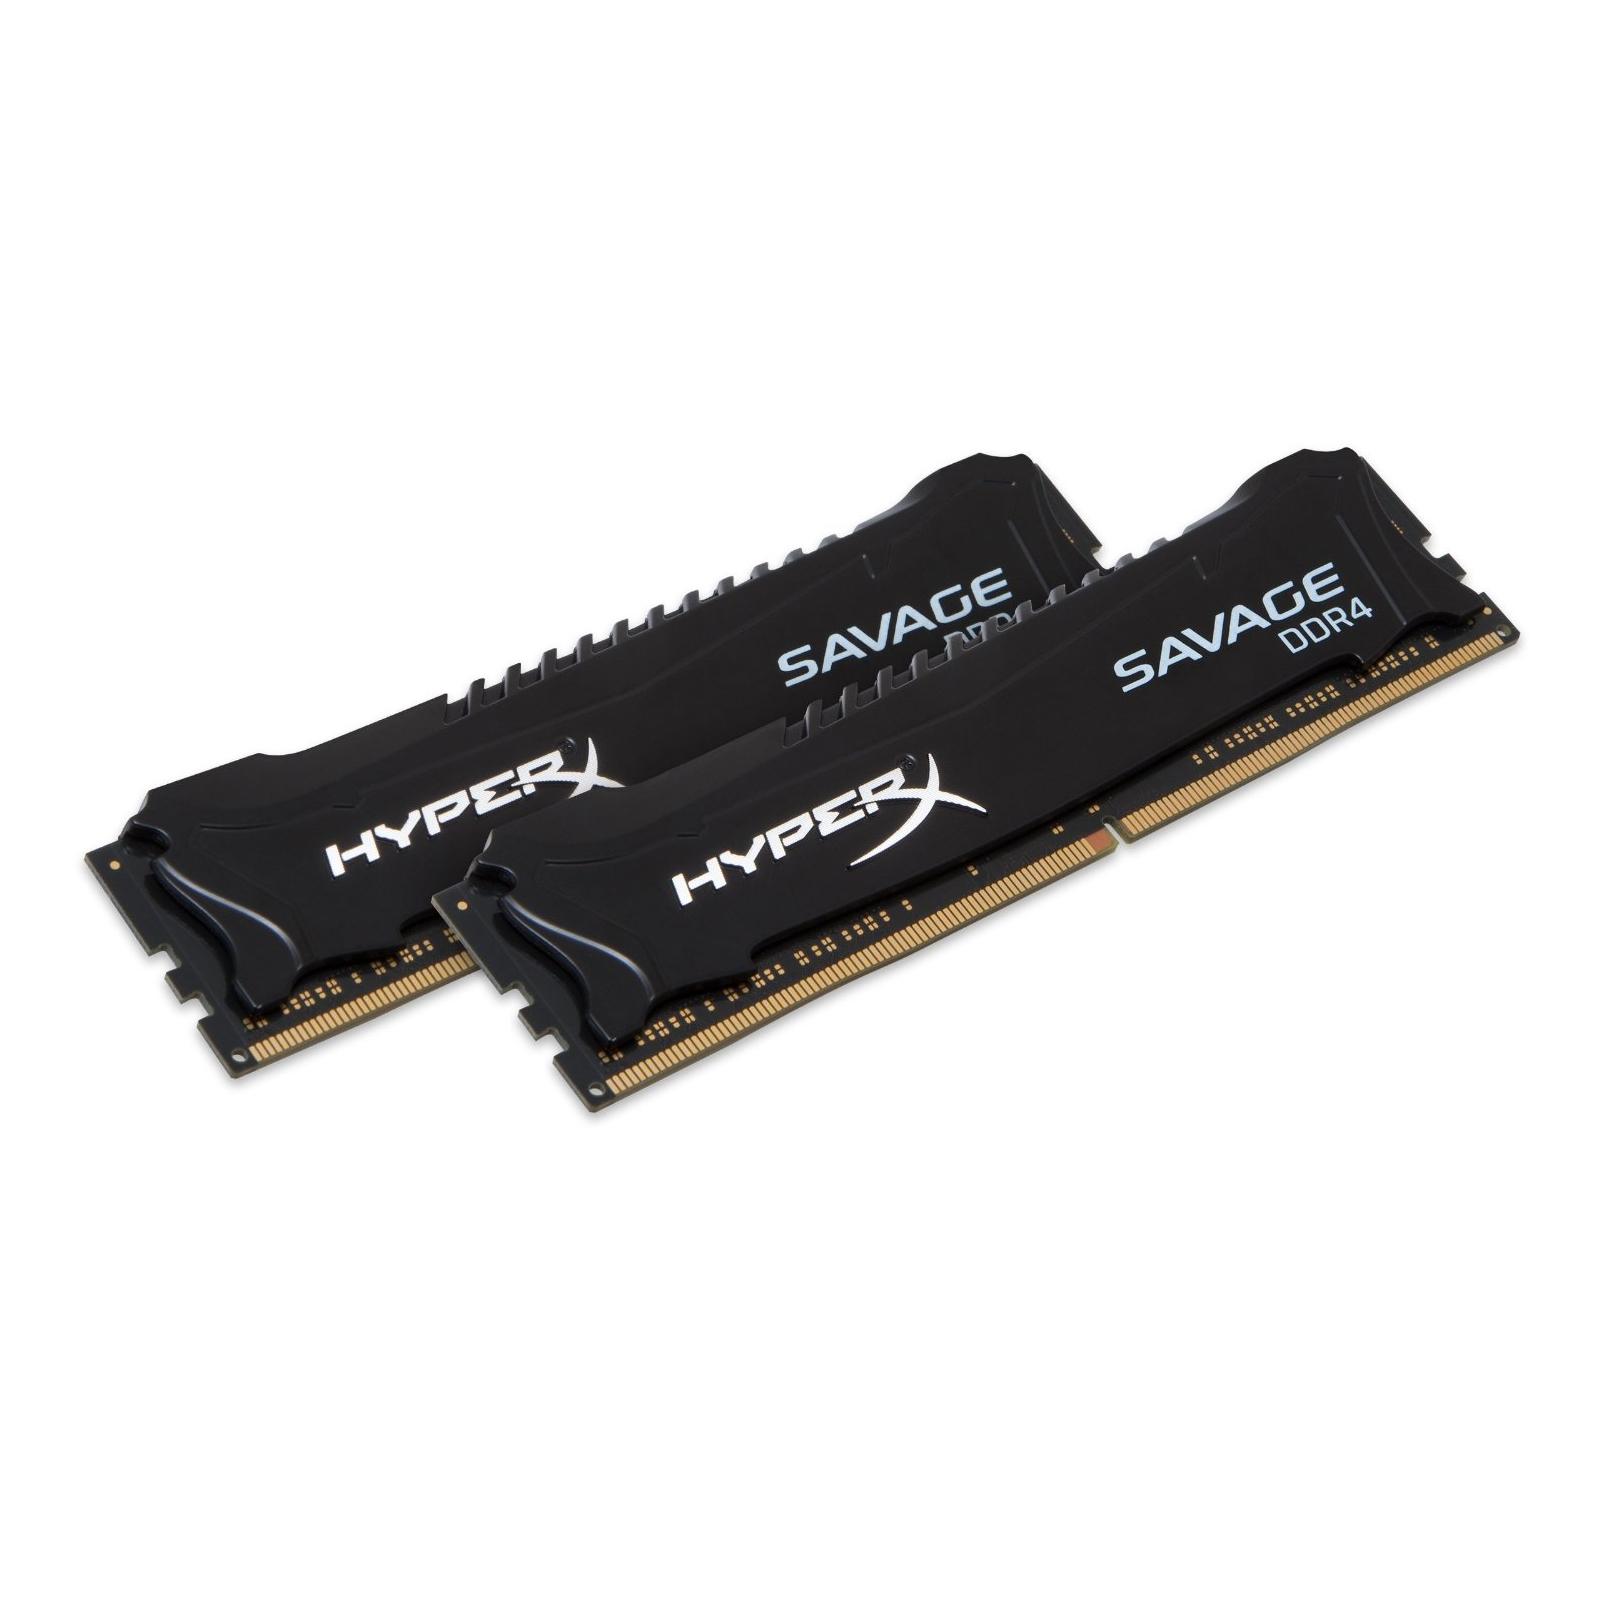 Модуль памяти для компьютера DDR4 8GB (2x4GB) 2800 MHz Savage Blak Kingston (HX428C14SB2K2/8) изображение 2